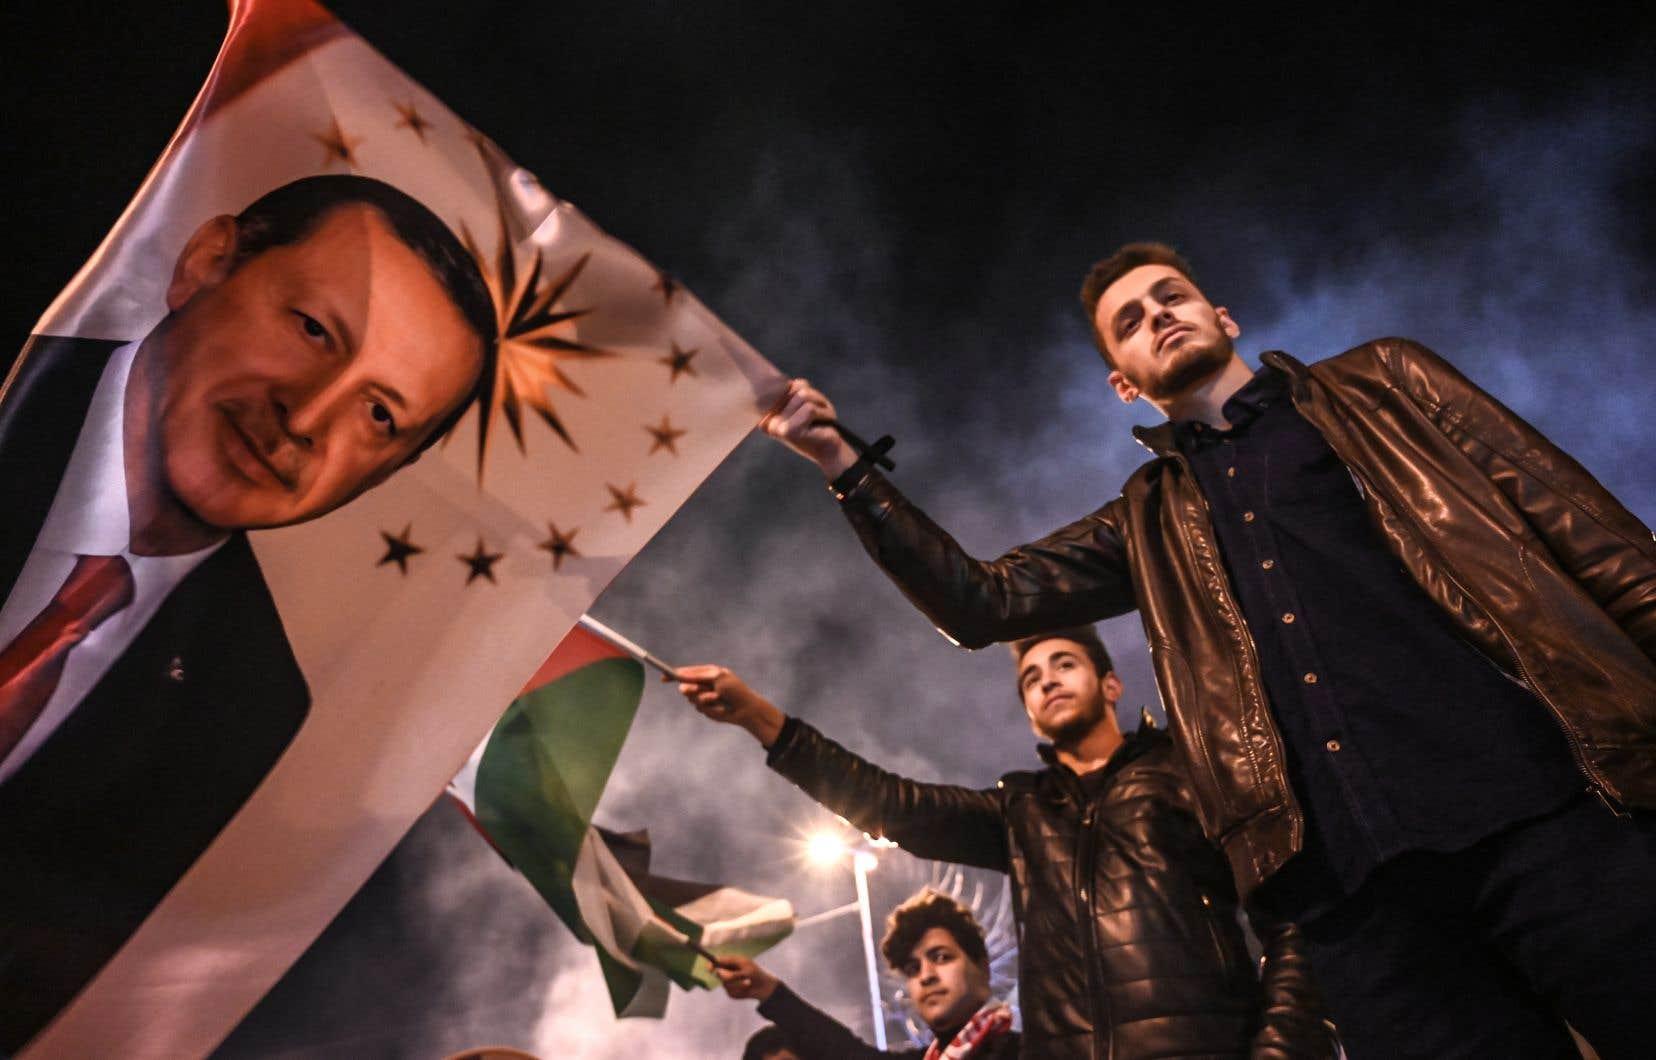 La coalition formée par l'AKP et les ultranationalistes du MHP remporte 51,67% des scrutins selon les résultats partiels.